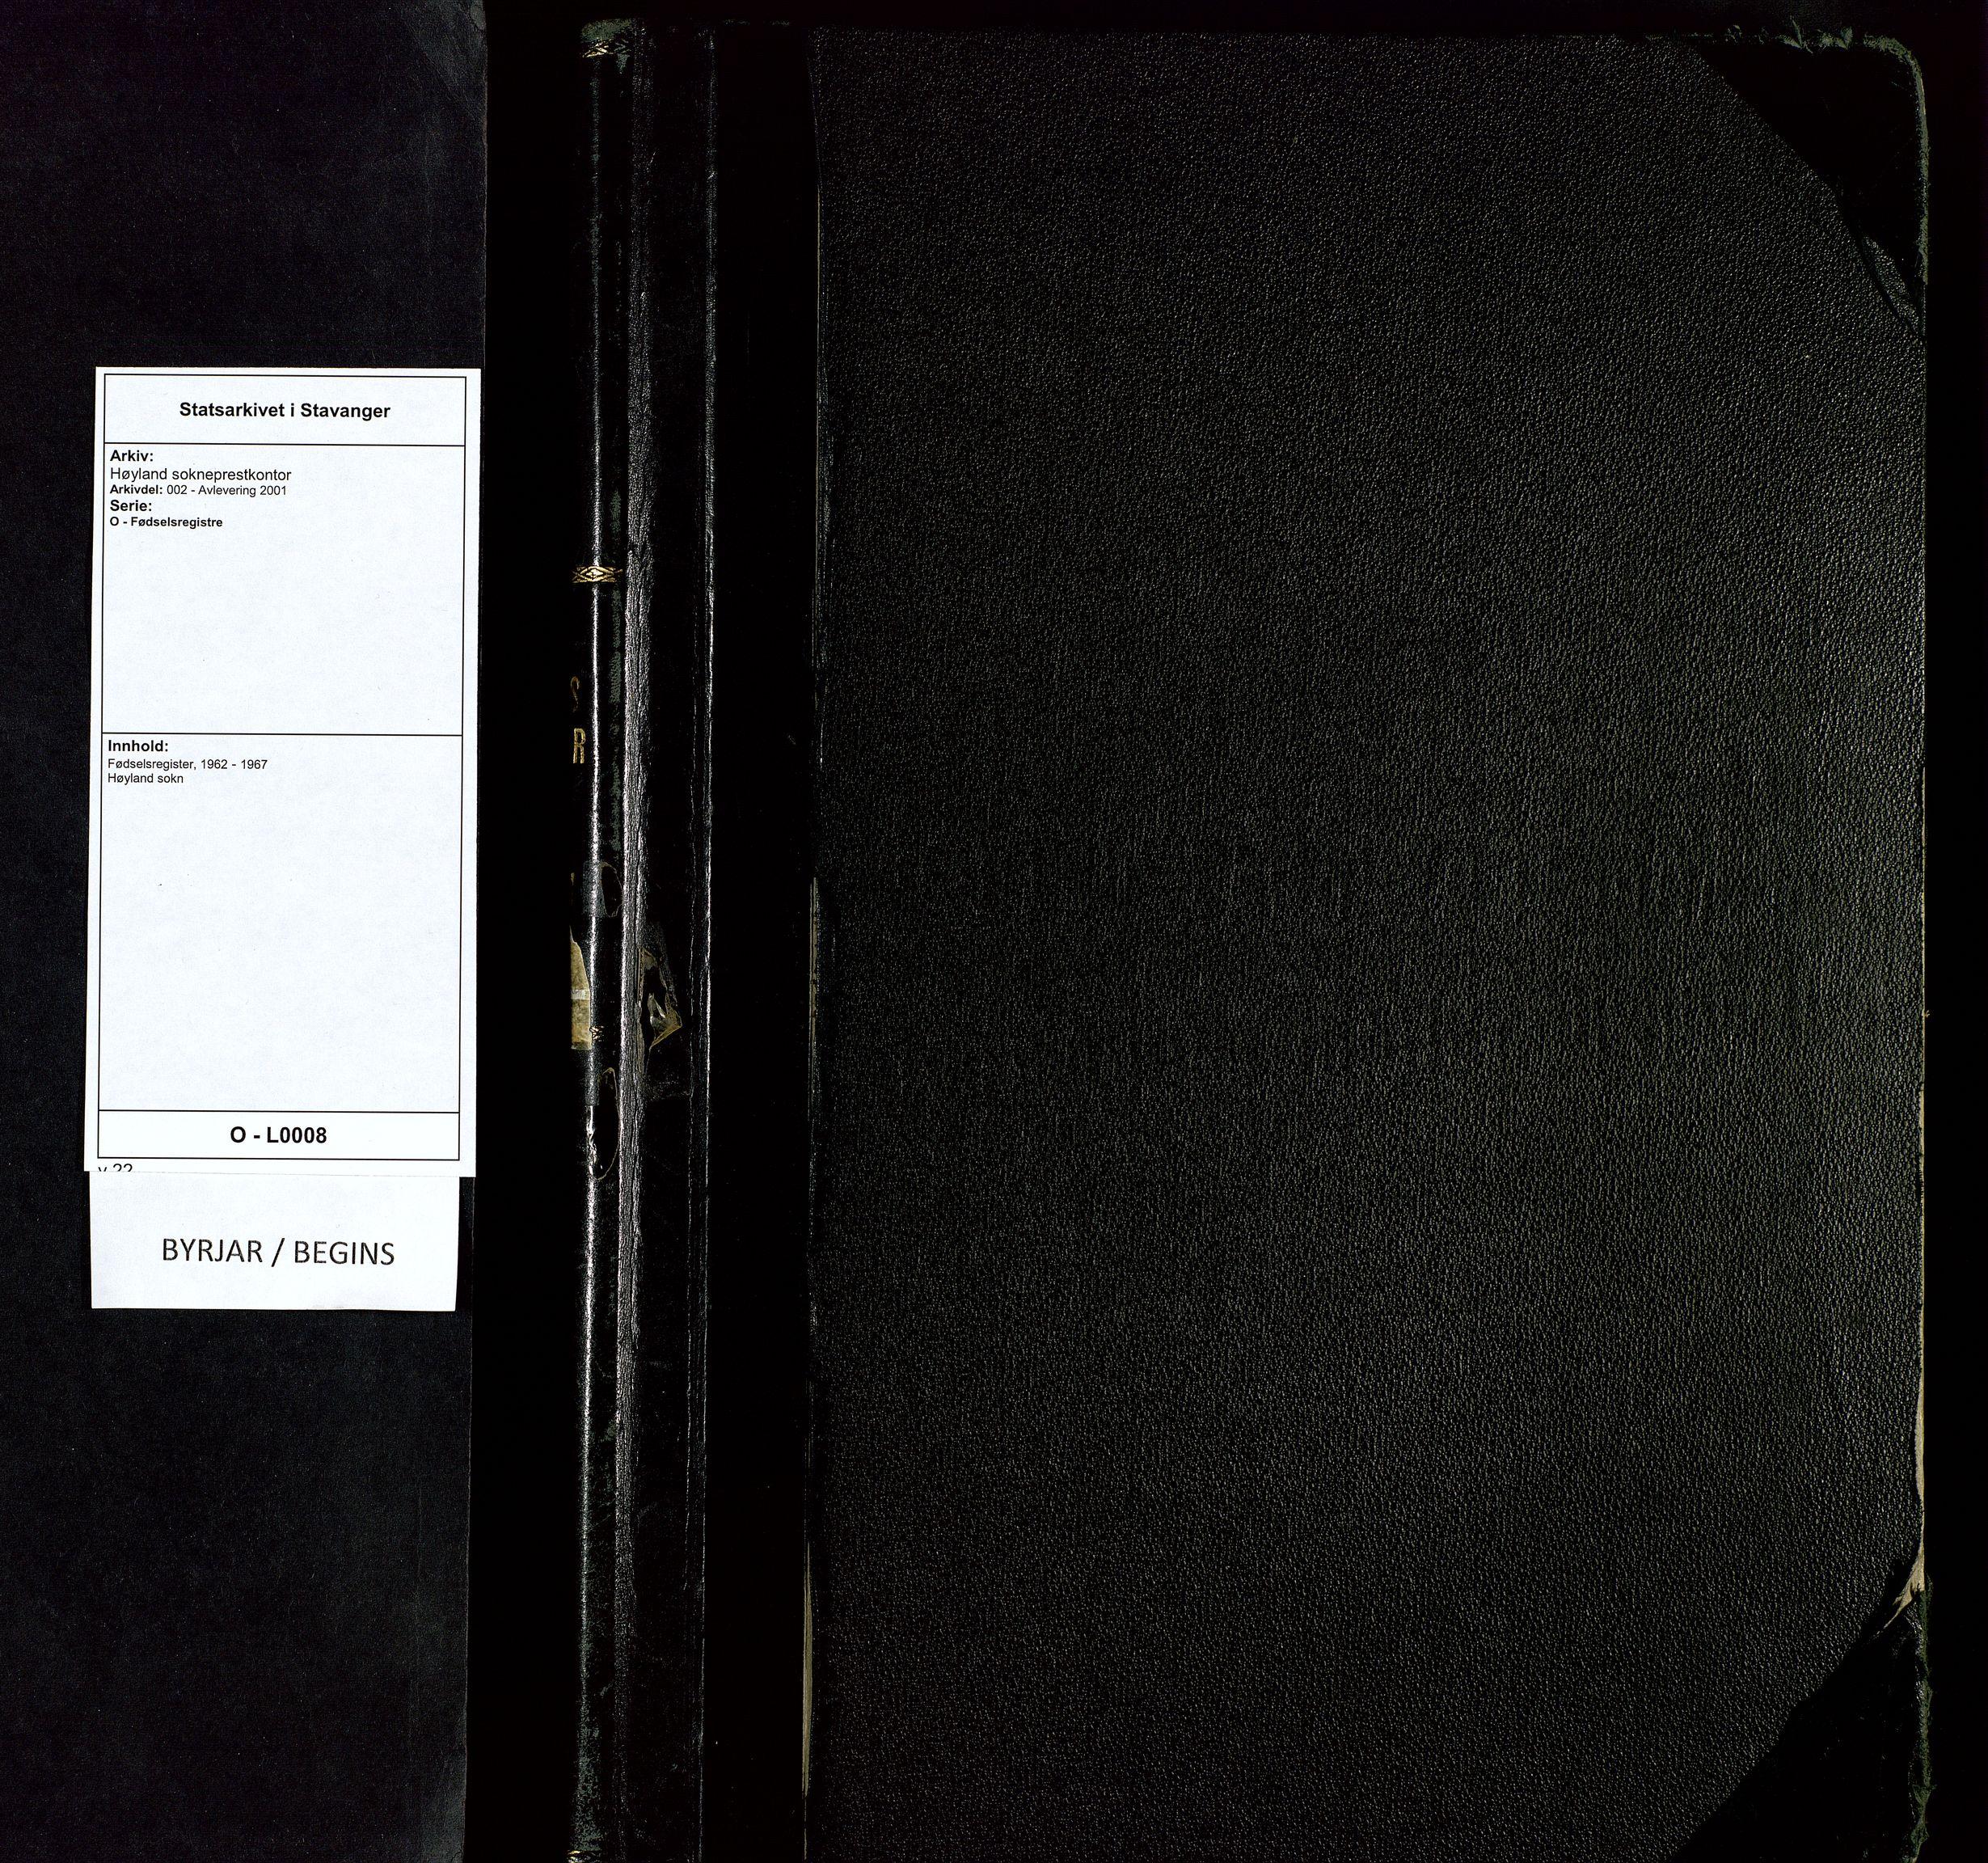 SAST, Høyland sokneprestkontor, O/L0008: Fødselsregister nr. 8, 1962-1967